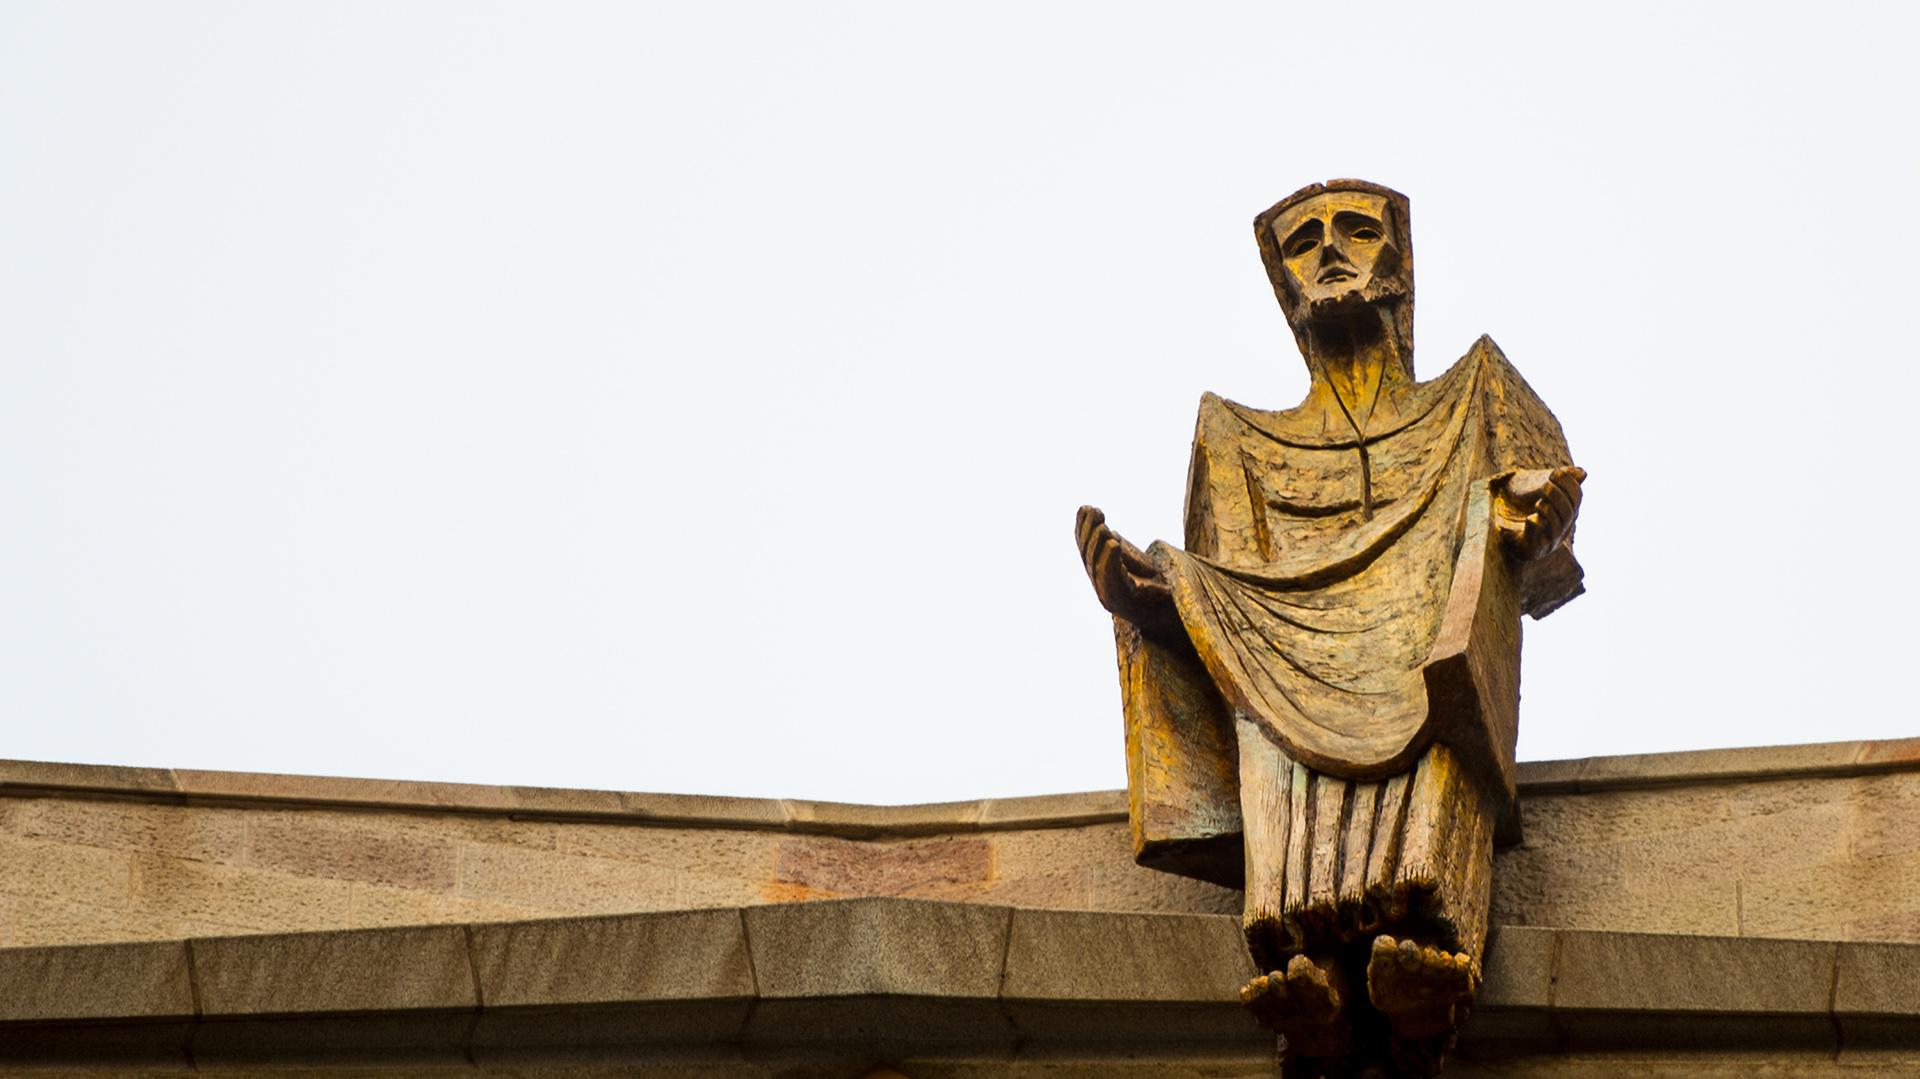 Entre las dos torres centrales y a una altura de 60 metros, hay un puente que las une. Gaudí tuvo la idea de situar una imagen de Jesús ascendiendo al cielo triunfante en contraste con el dramatismo del conjunto de las torres